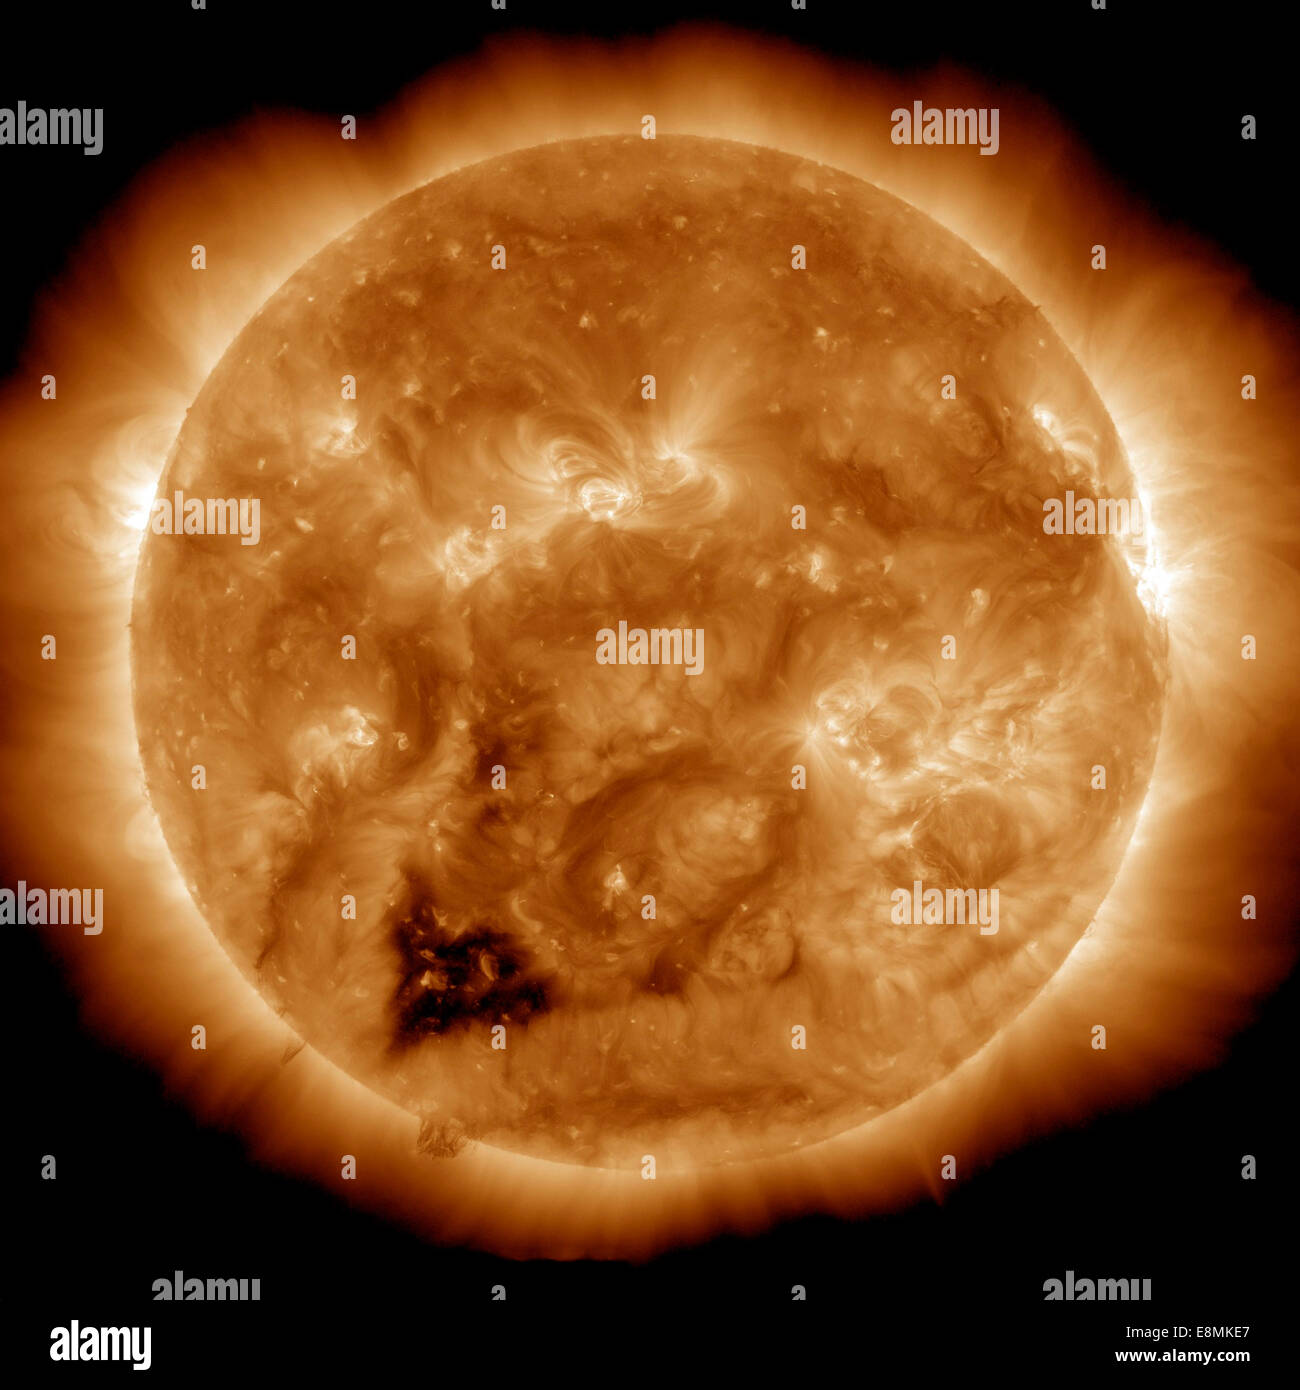 Enero 20, 2013 - Imagen del Sol en luz ultravioleta extrema capta una forma de corazón oscuro agujero coronal. Imagen De Stock